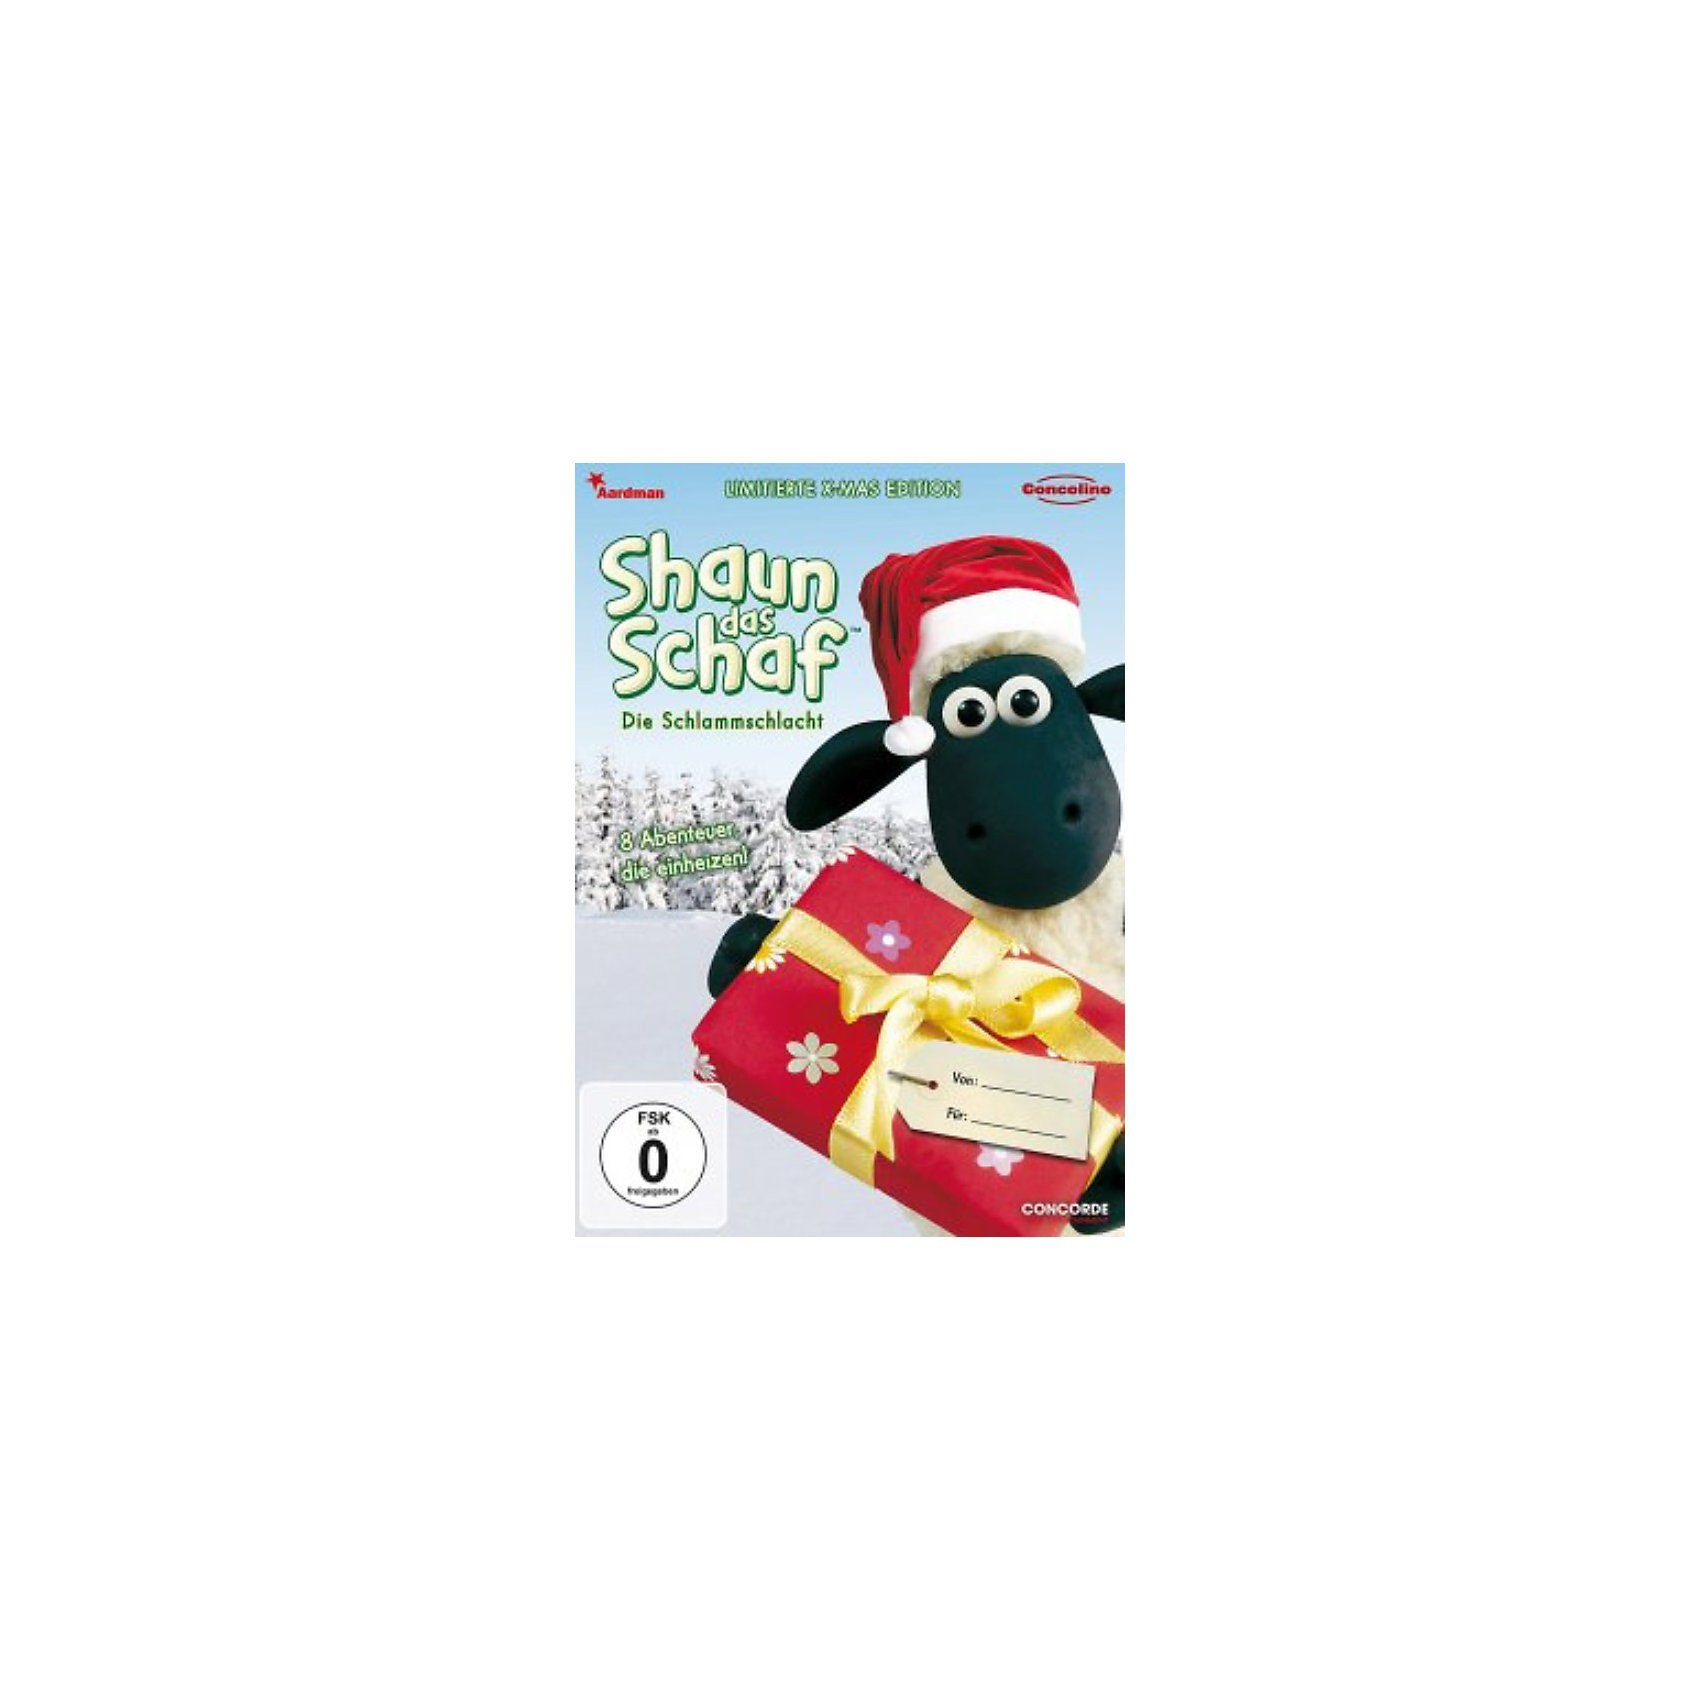 Concorde Home DVD Shaun das Schaf - Die Schlammschlacht